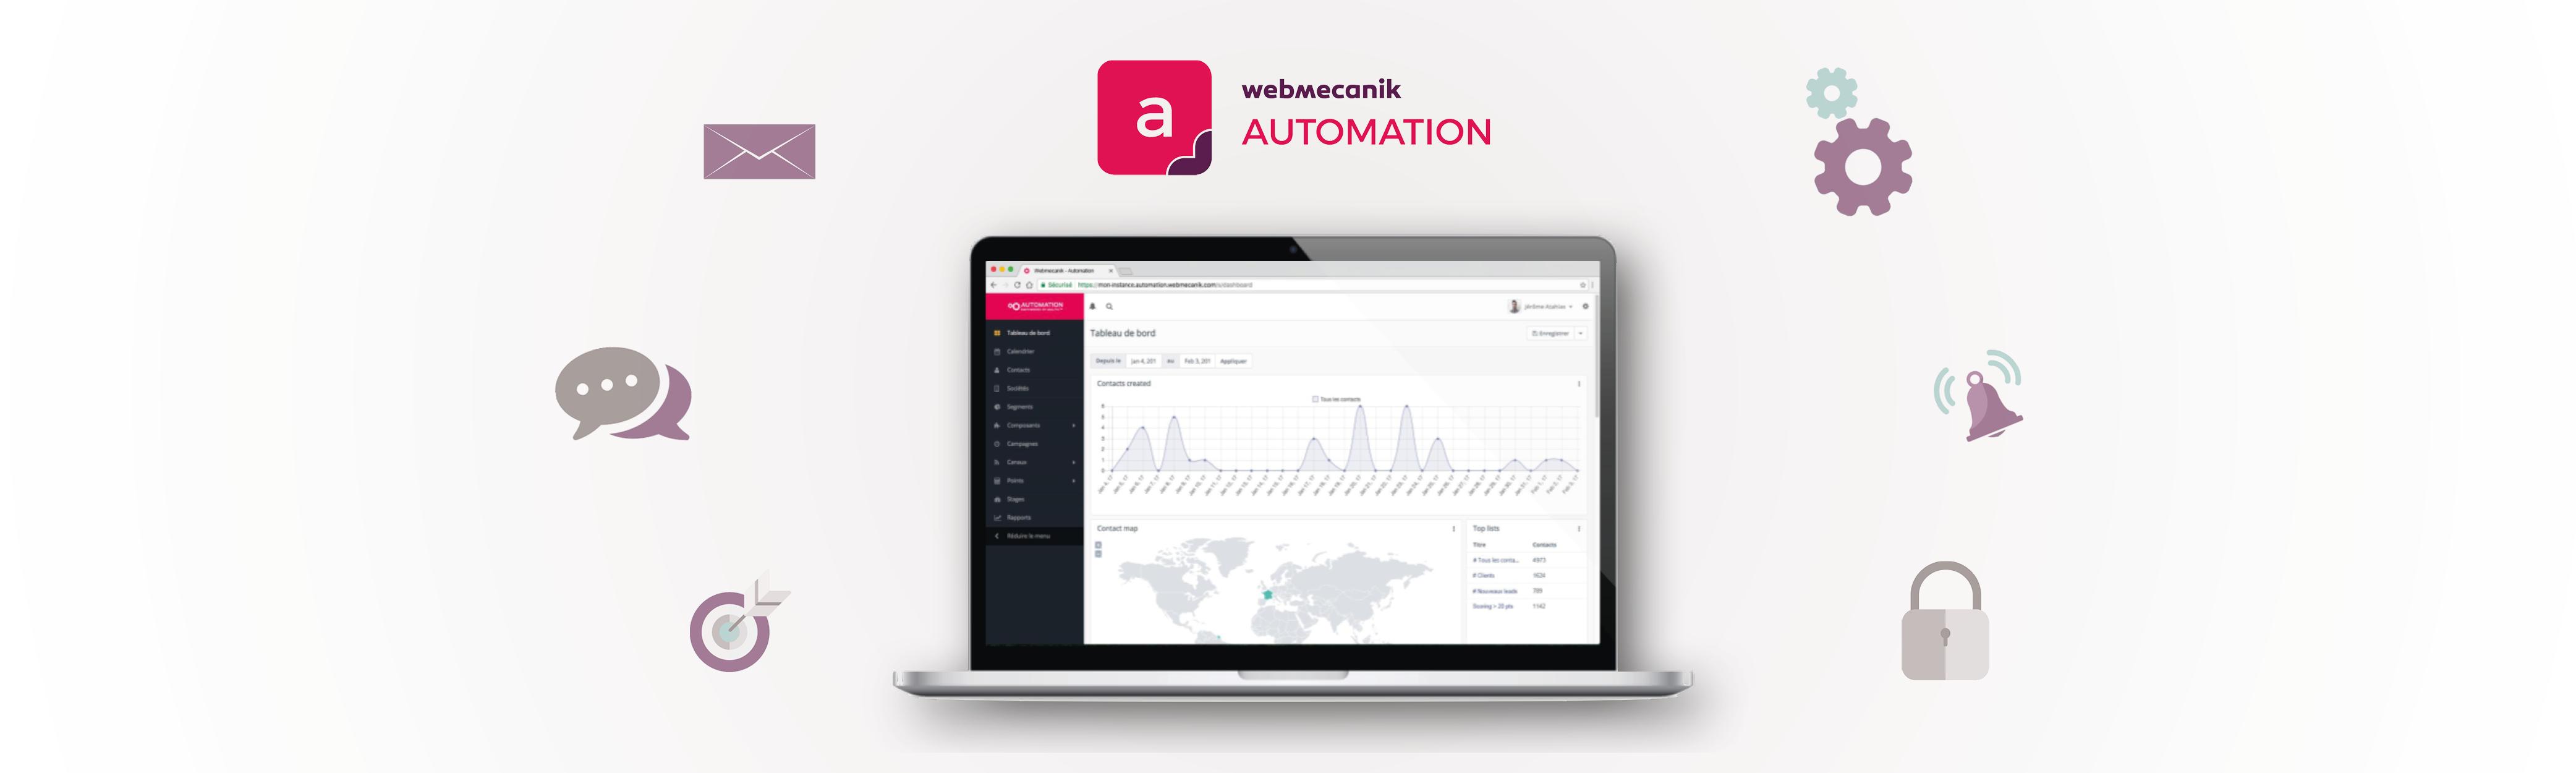 Review Webmecanik: Open Source marketing automation solution without limits - Appvizer